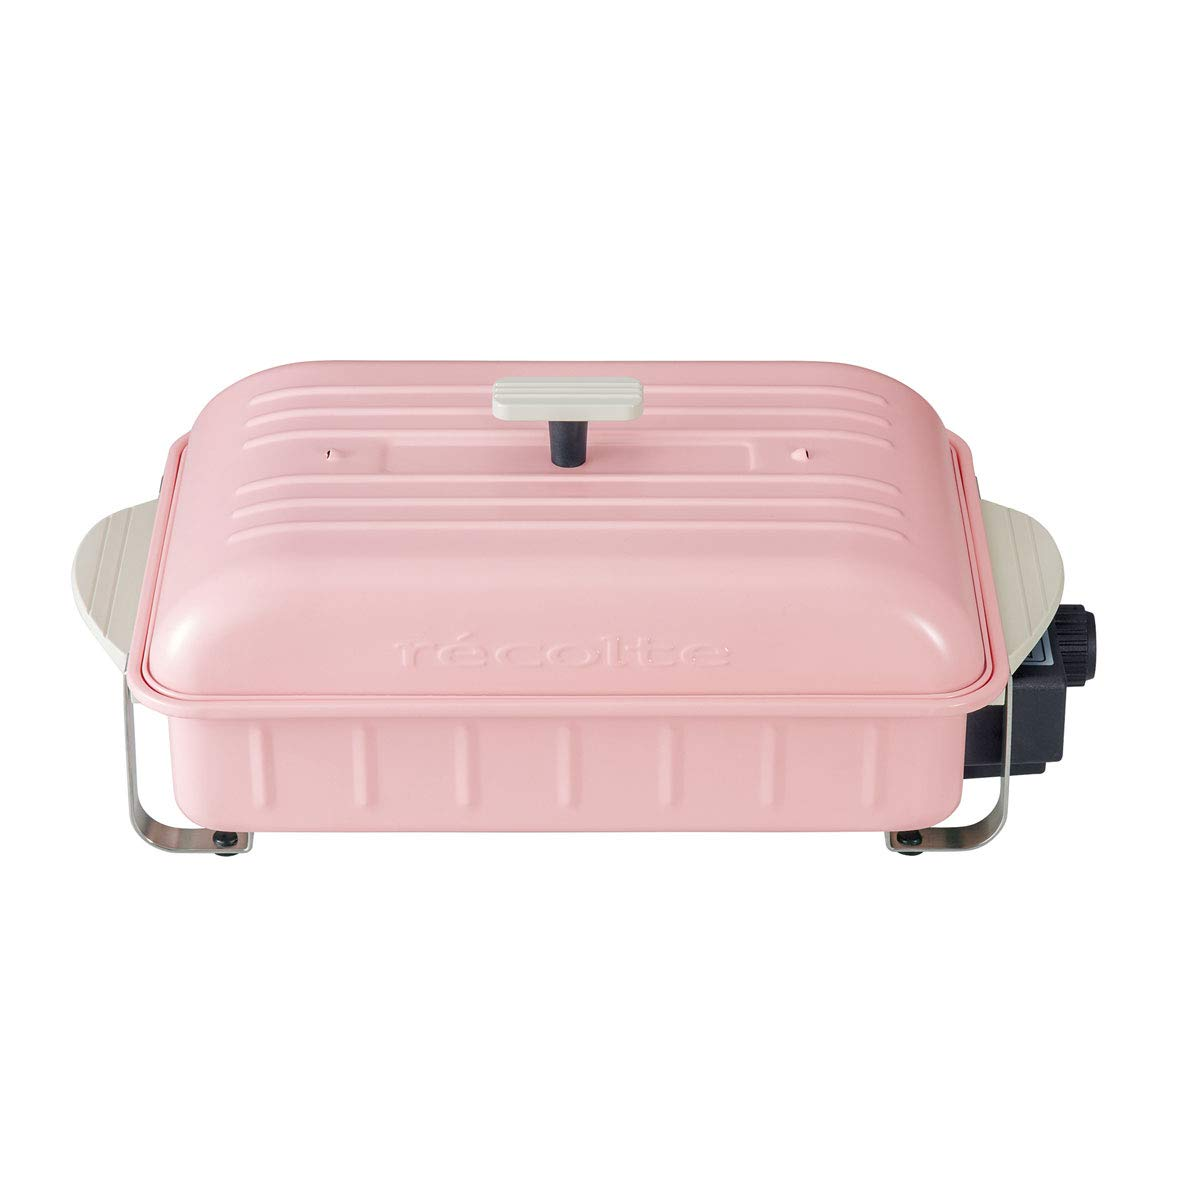 ホームバーベキュー 全オプション プレート付きSET (ピンク)  ピンク B07LH6YJ9K